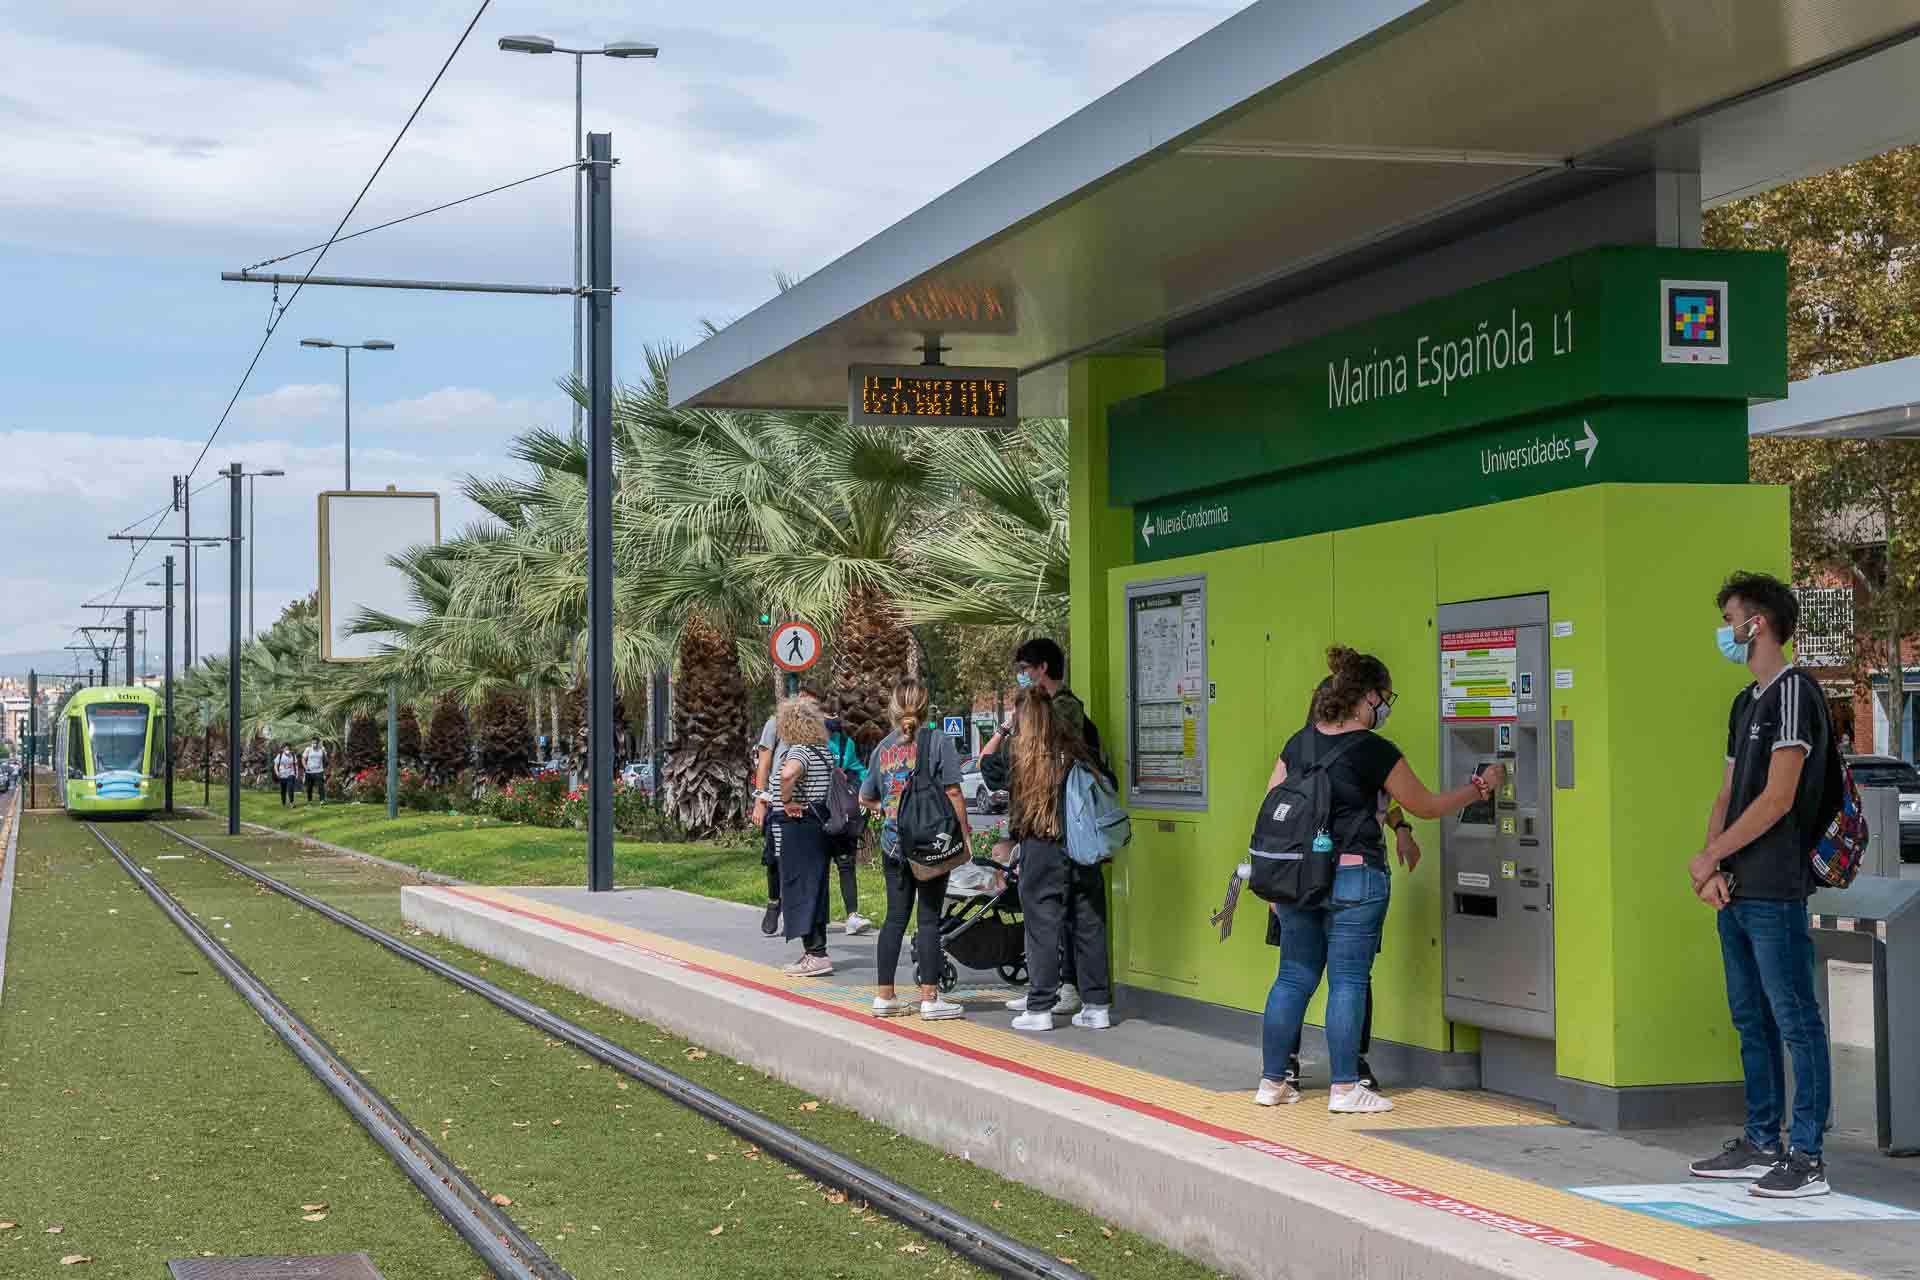 Tranvía de Murcia, una apuesta por la movilidad sostenible